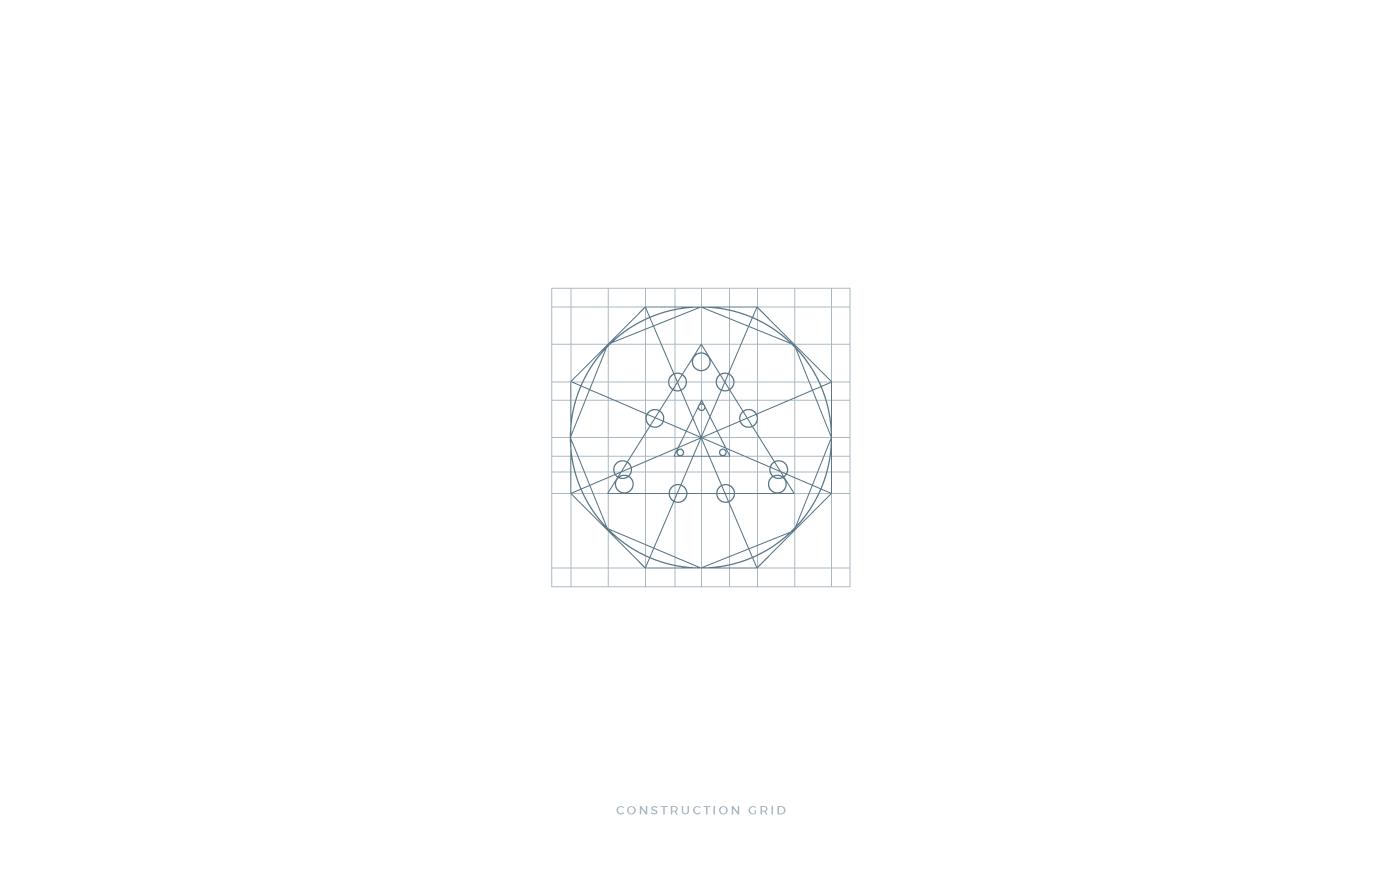 Consultech griglia costruzione logo